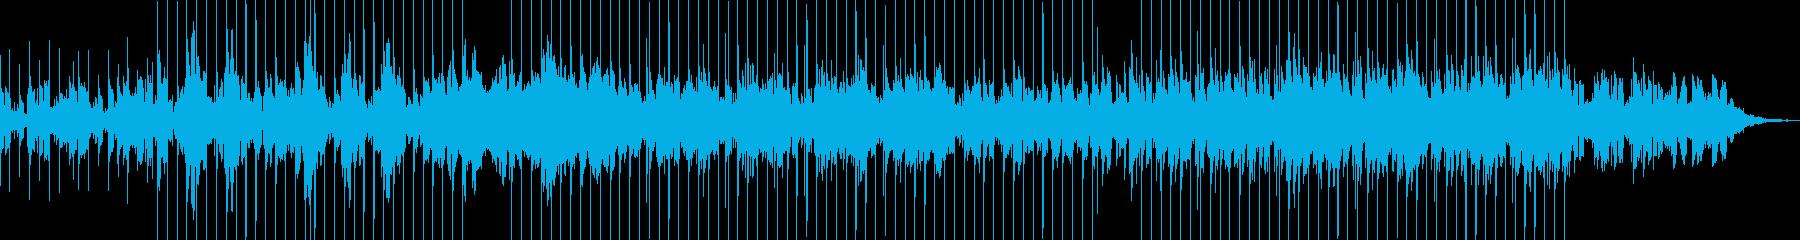 ラウンジ まったり エーテル スタ...の再生済みの波形